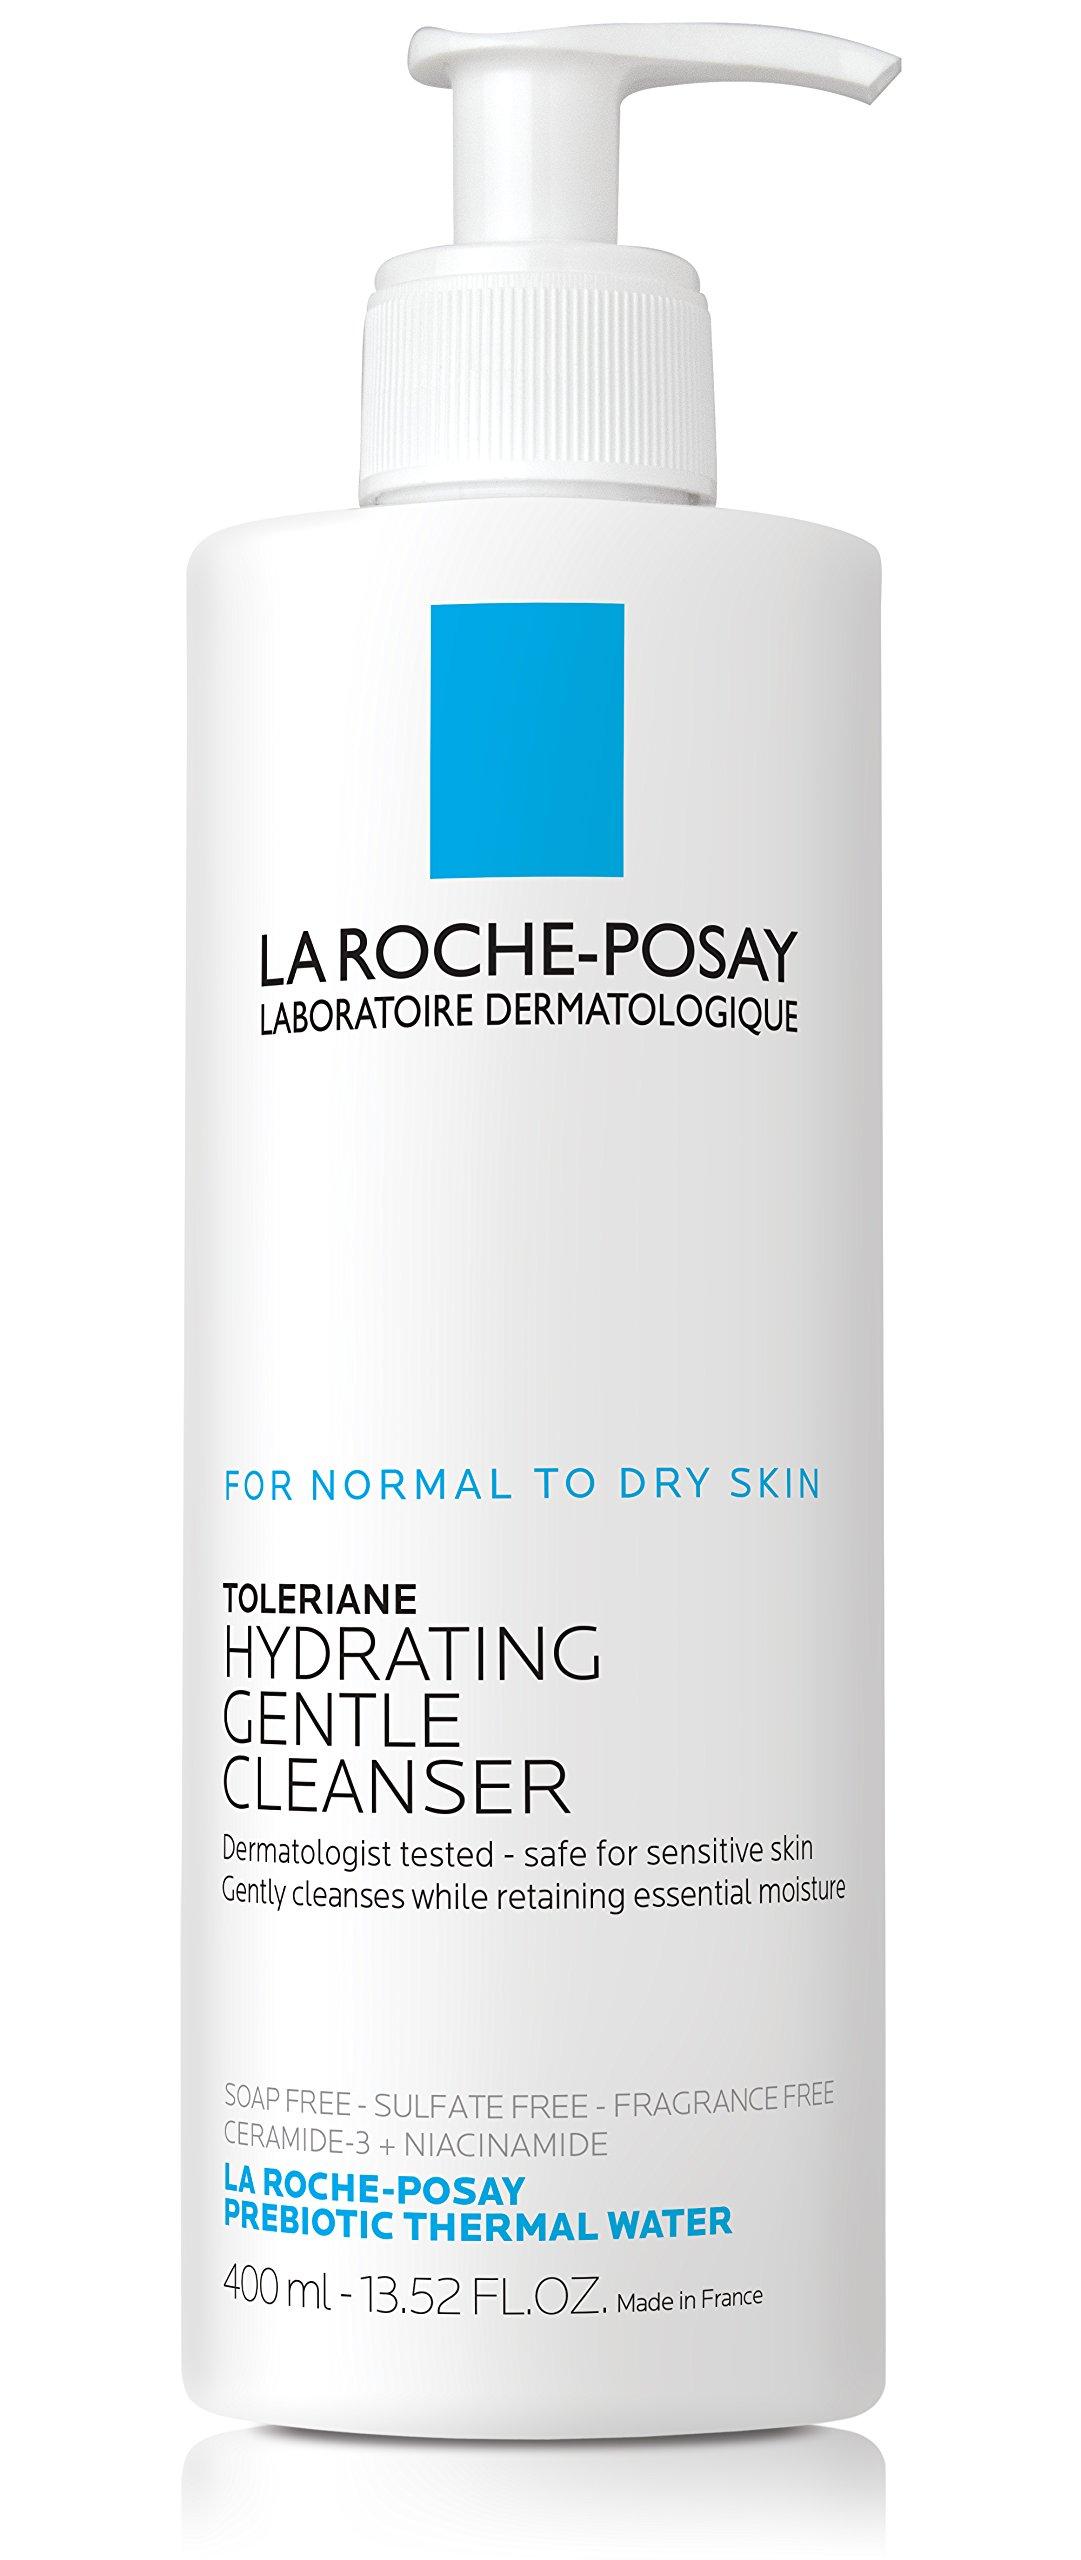 La Roche-Posay Toleriane Face Wash Cleanser for Sensitive Skin